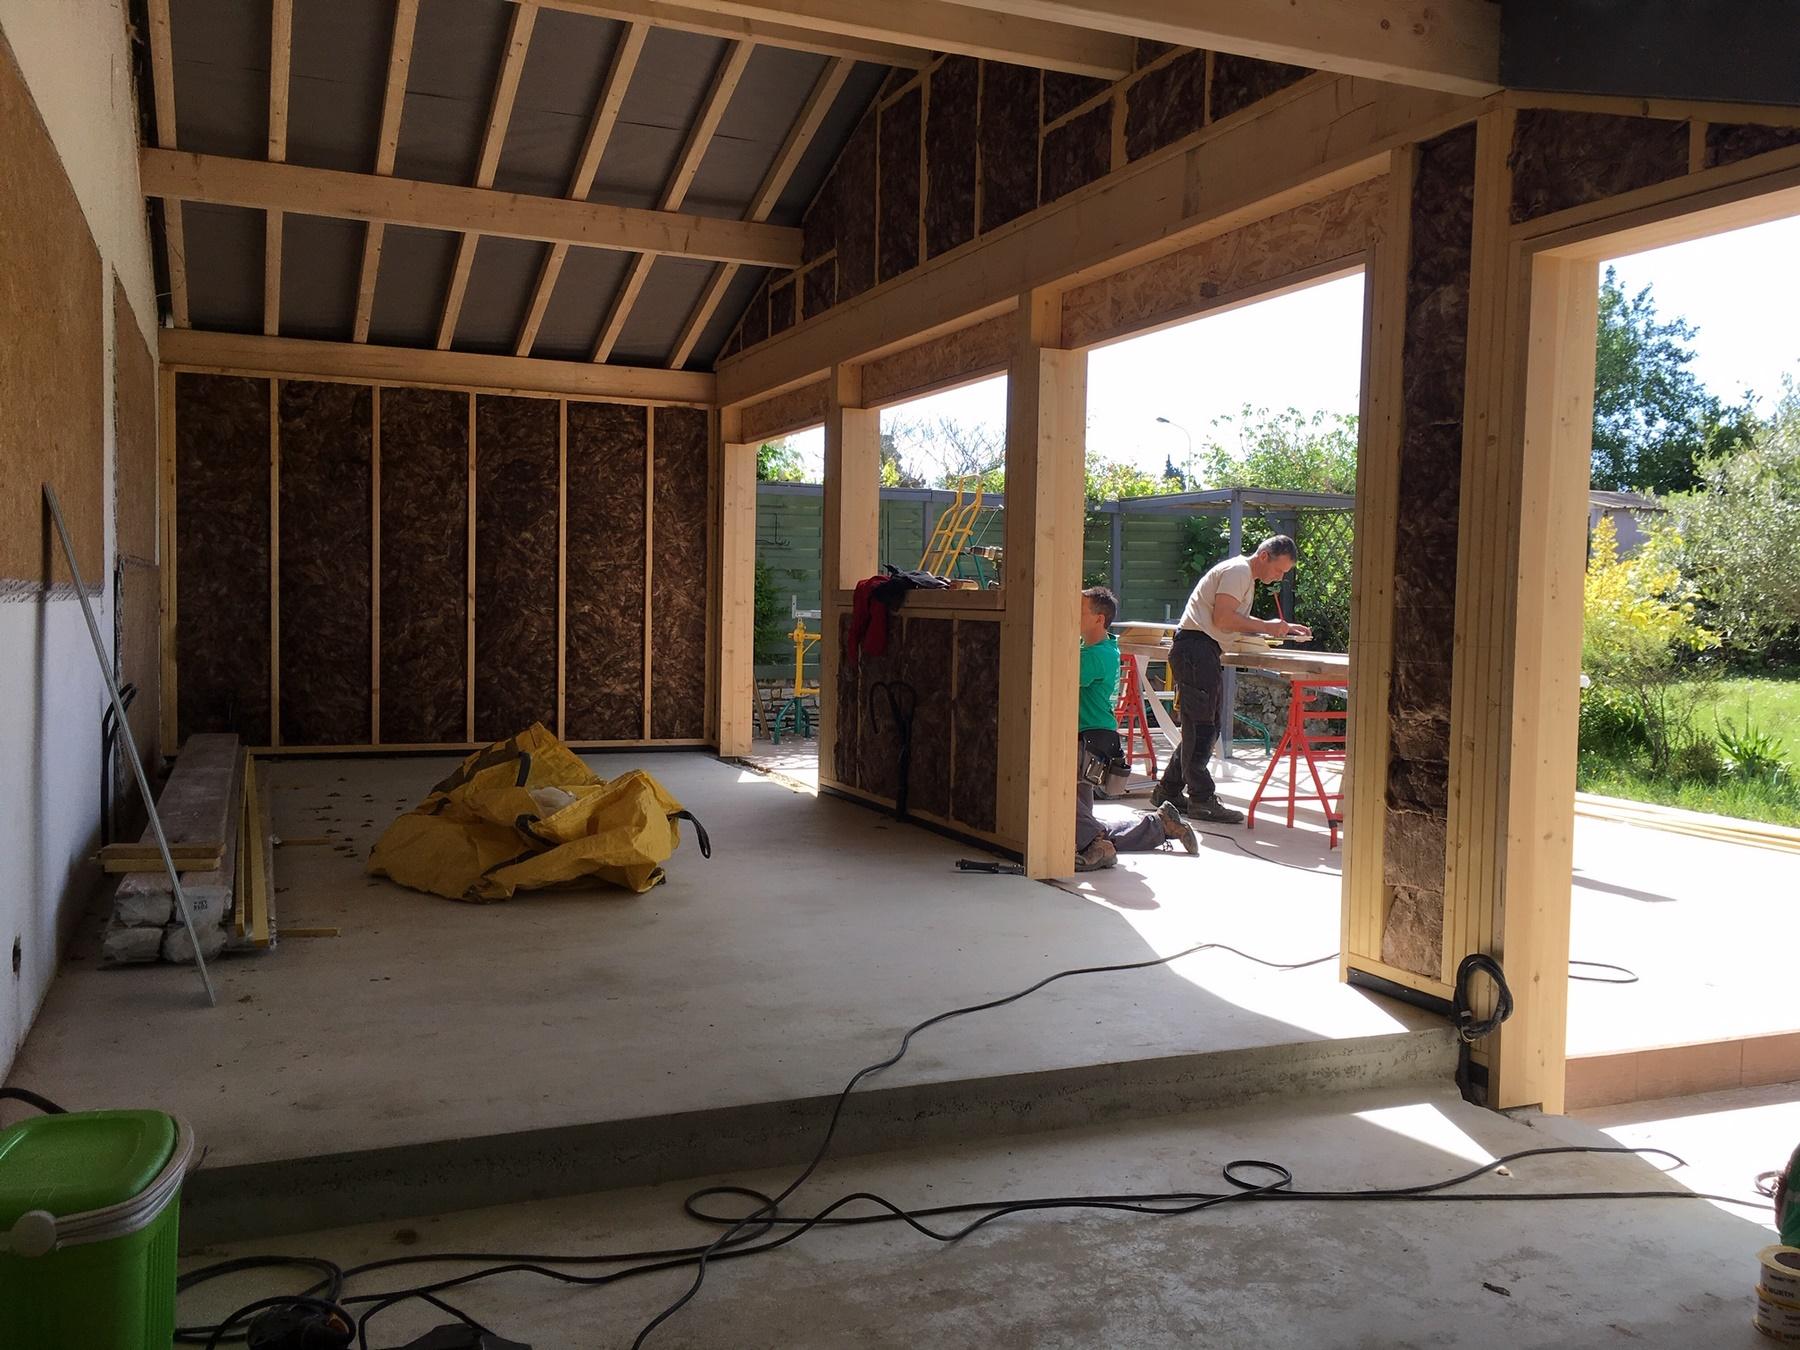 isolation integre dans la structure bois